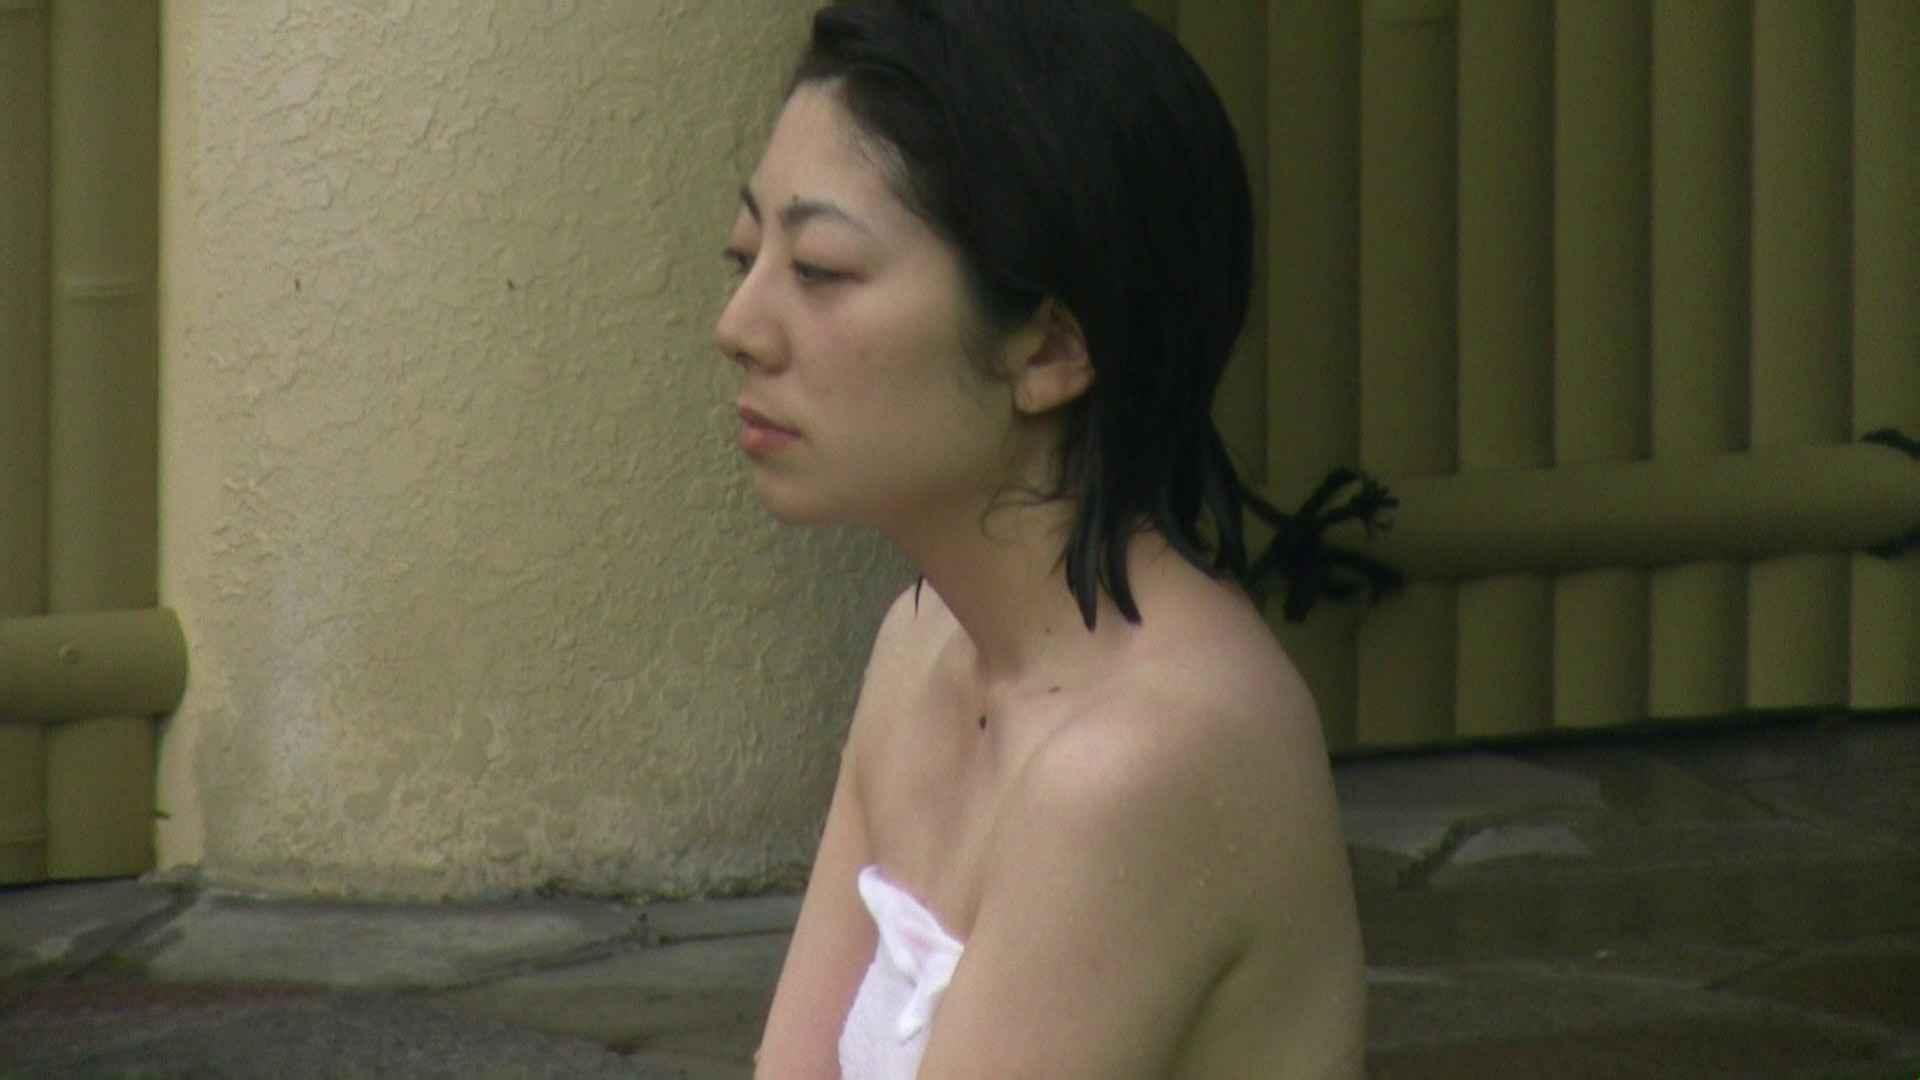 Aquaな露天風呂Vol.04 OLのエロ生活   盗撮  32連発 16